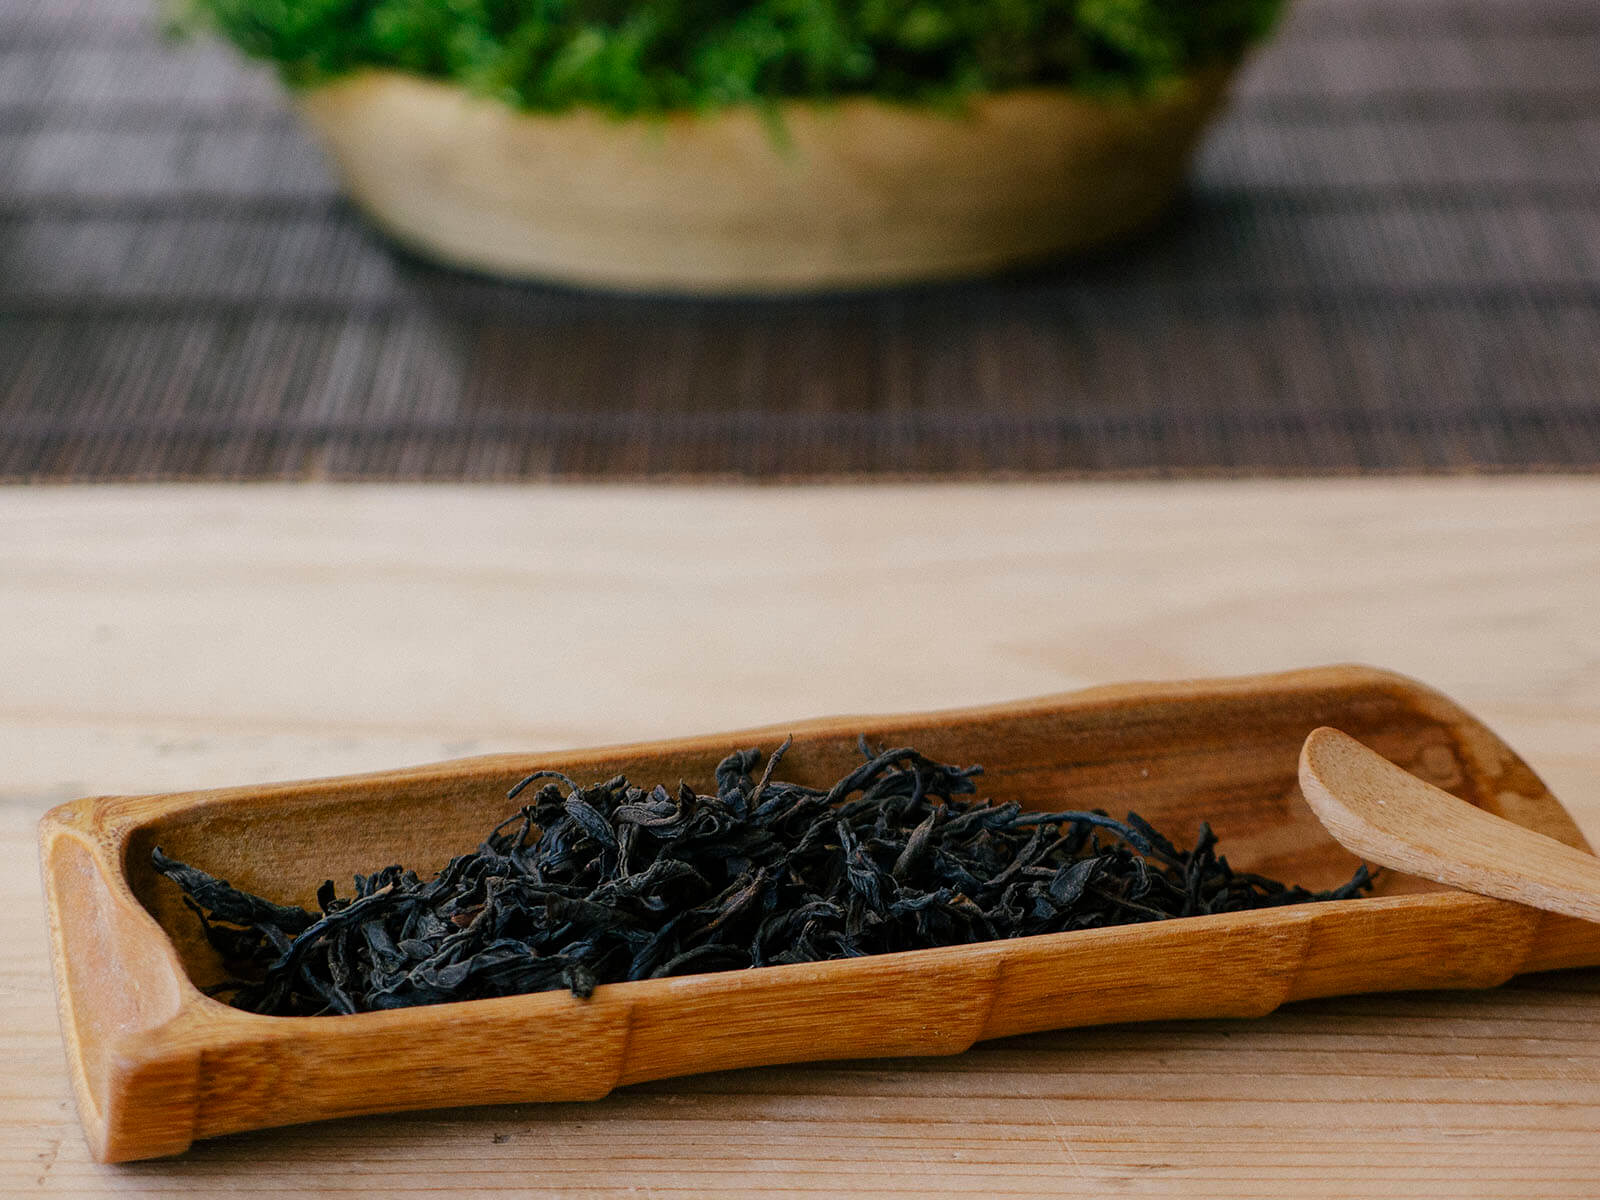 Tea Scoop - oolong tea leaves